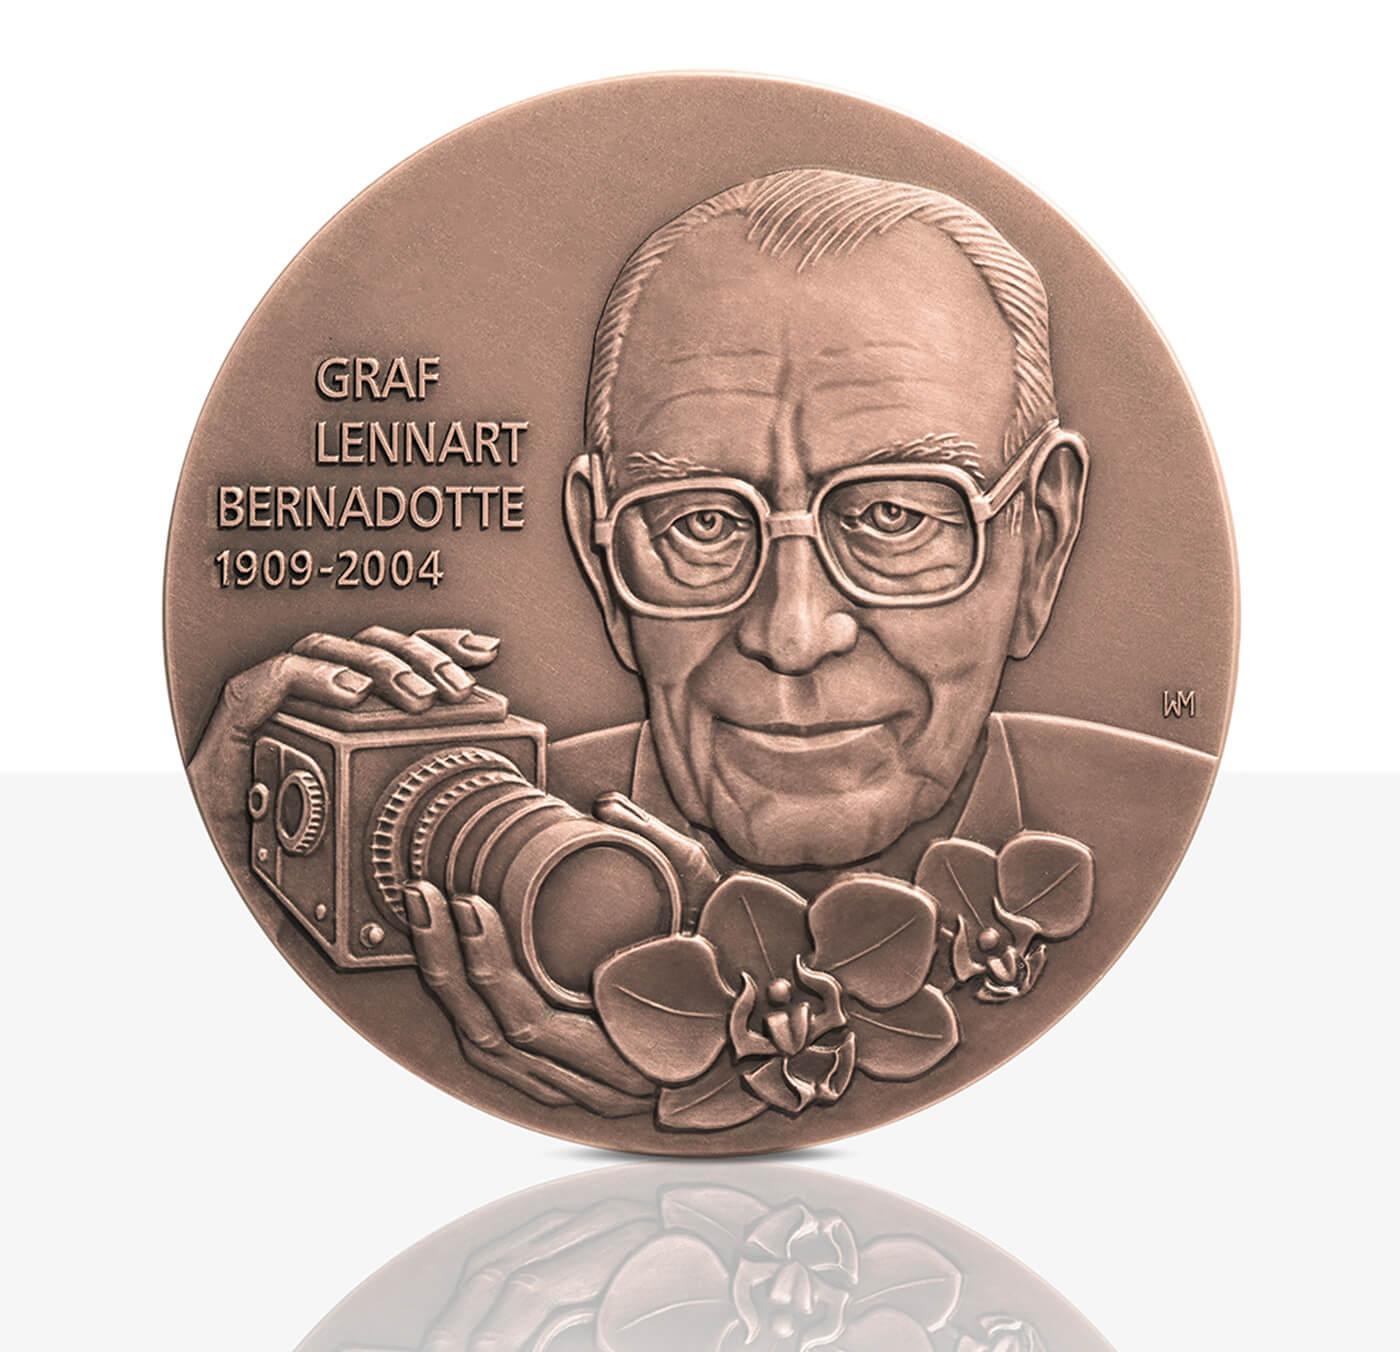 Graf Lennart Bernadotte Hochrelief Medaille Bronze Staatliche